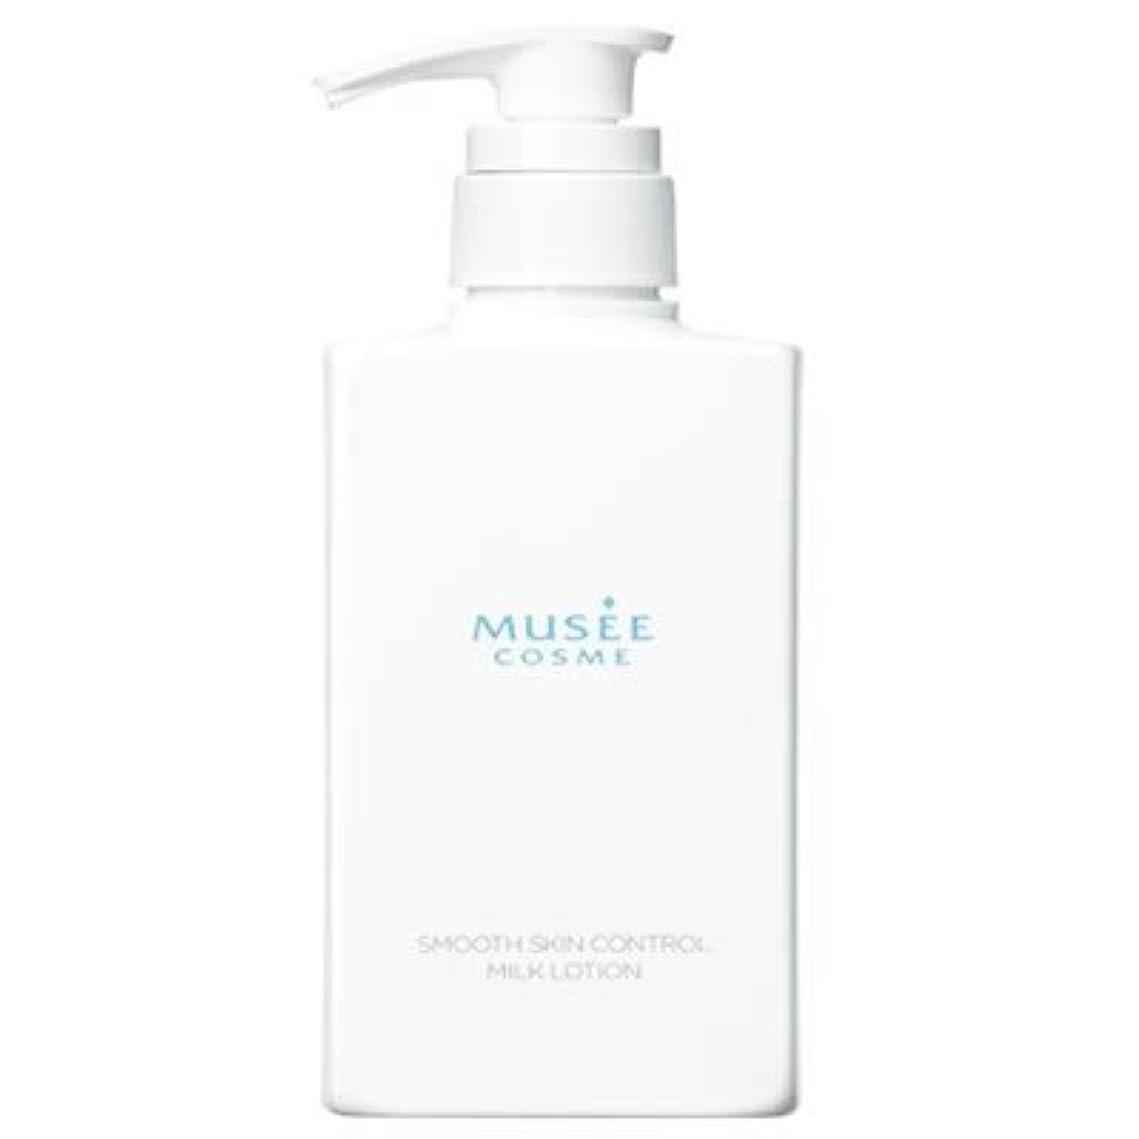 動く液体単調なミュゼ 薬用スムーススキンコントロールミルクローション 300ml 無香料 [並行輸入品]